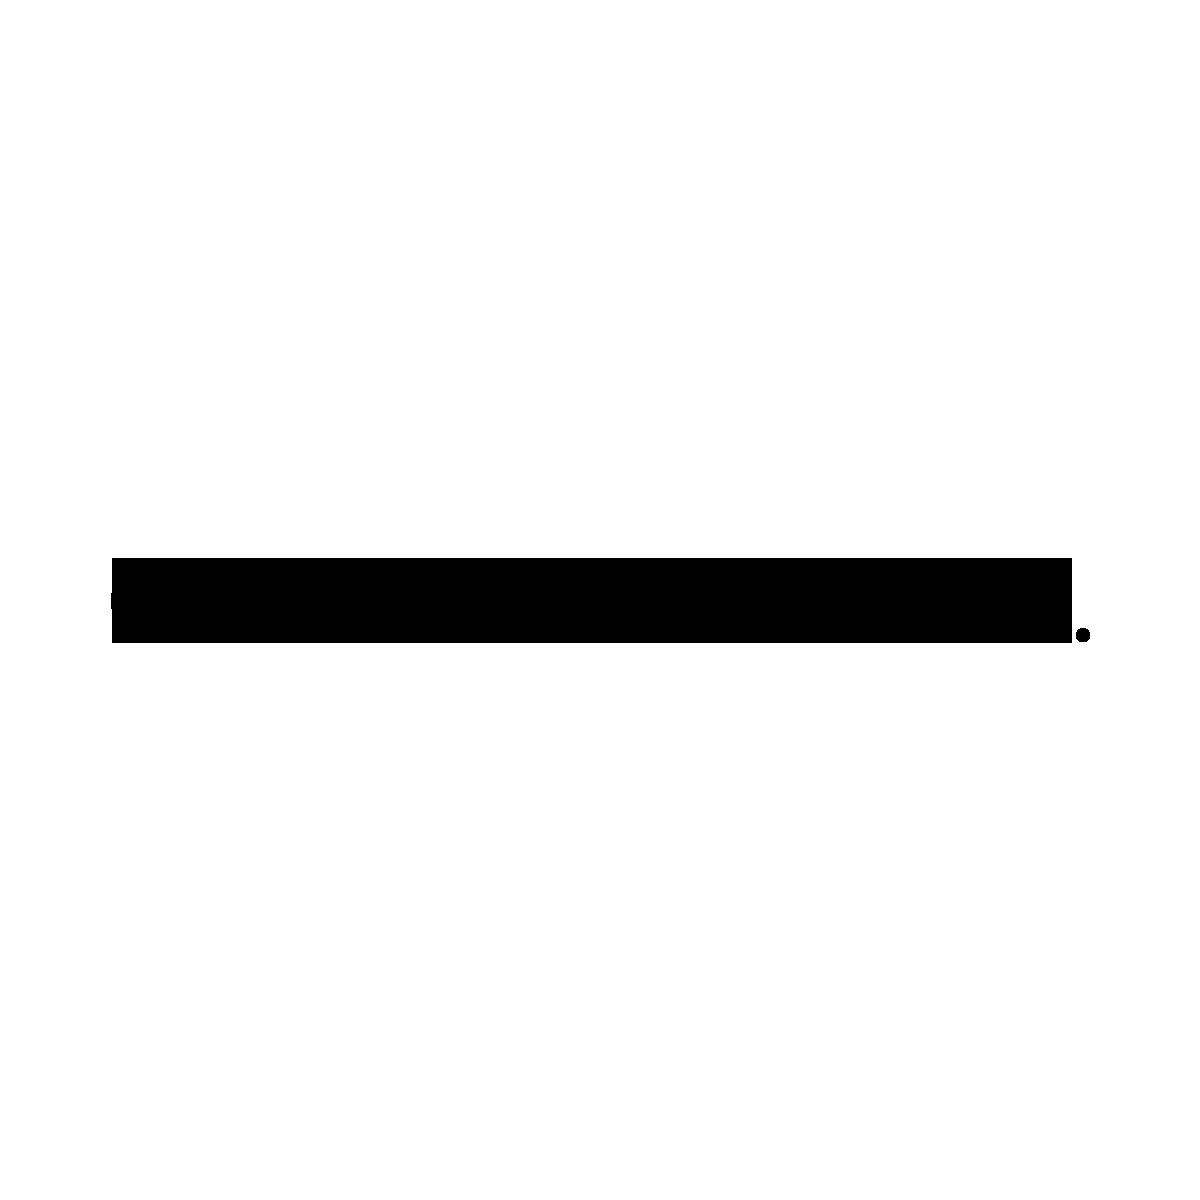 espadrille met sleehak en open teen in zwart suède fred de la bretoniere 153010011 detail zool